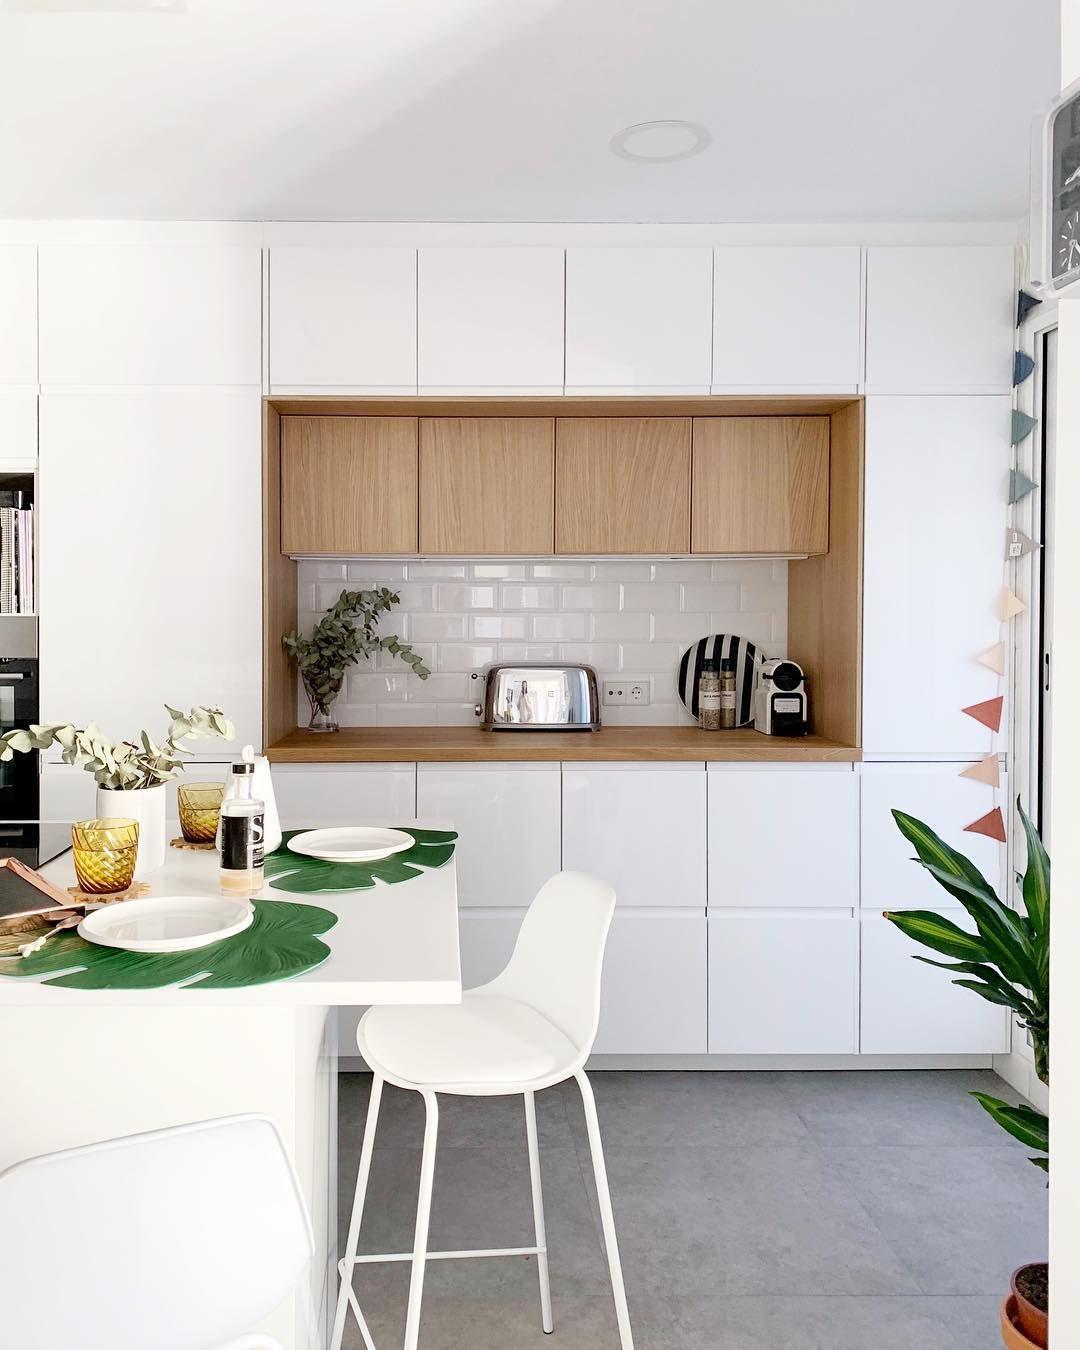 Una Cocina De Ikea En Blanco Y Madera Cocina Kitchen Nordickitchen Small Space Kitchen Modern Kitchen Design Kitchen Design